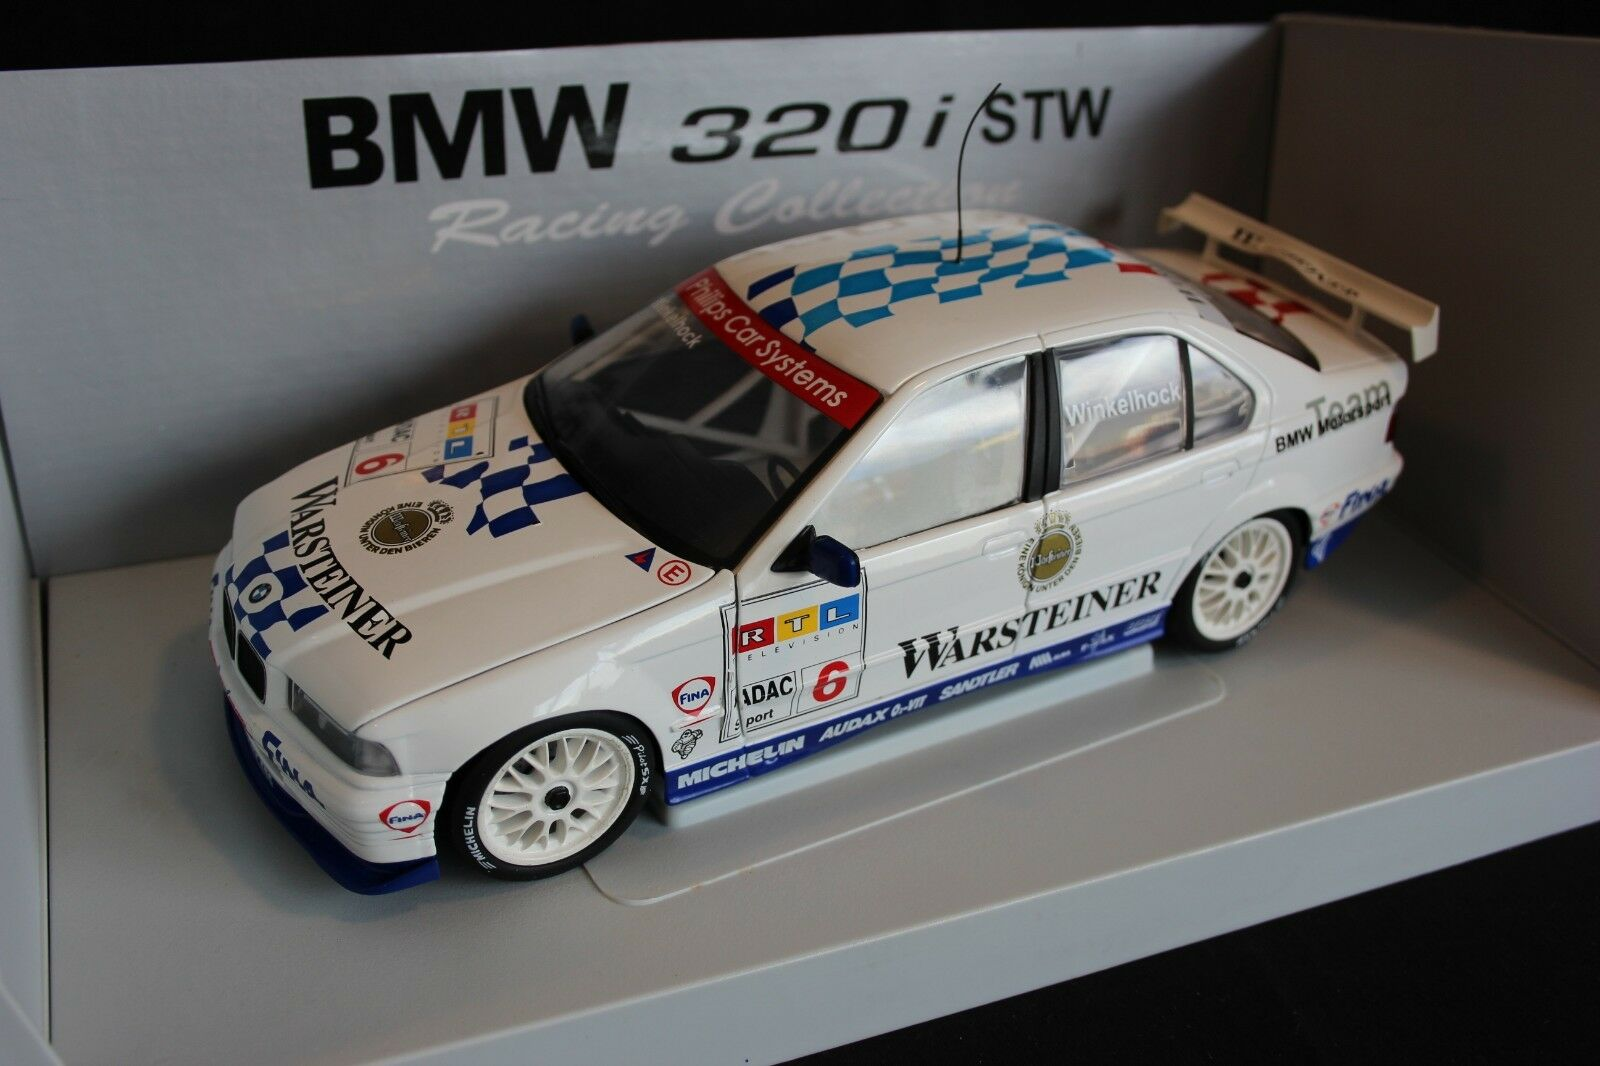 UT Models BMW 320i 1998 1 18 Manfrosso Winkelhock (GER) STW 1998